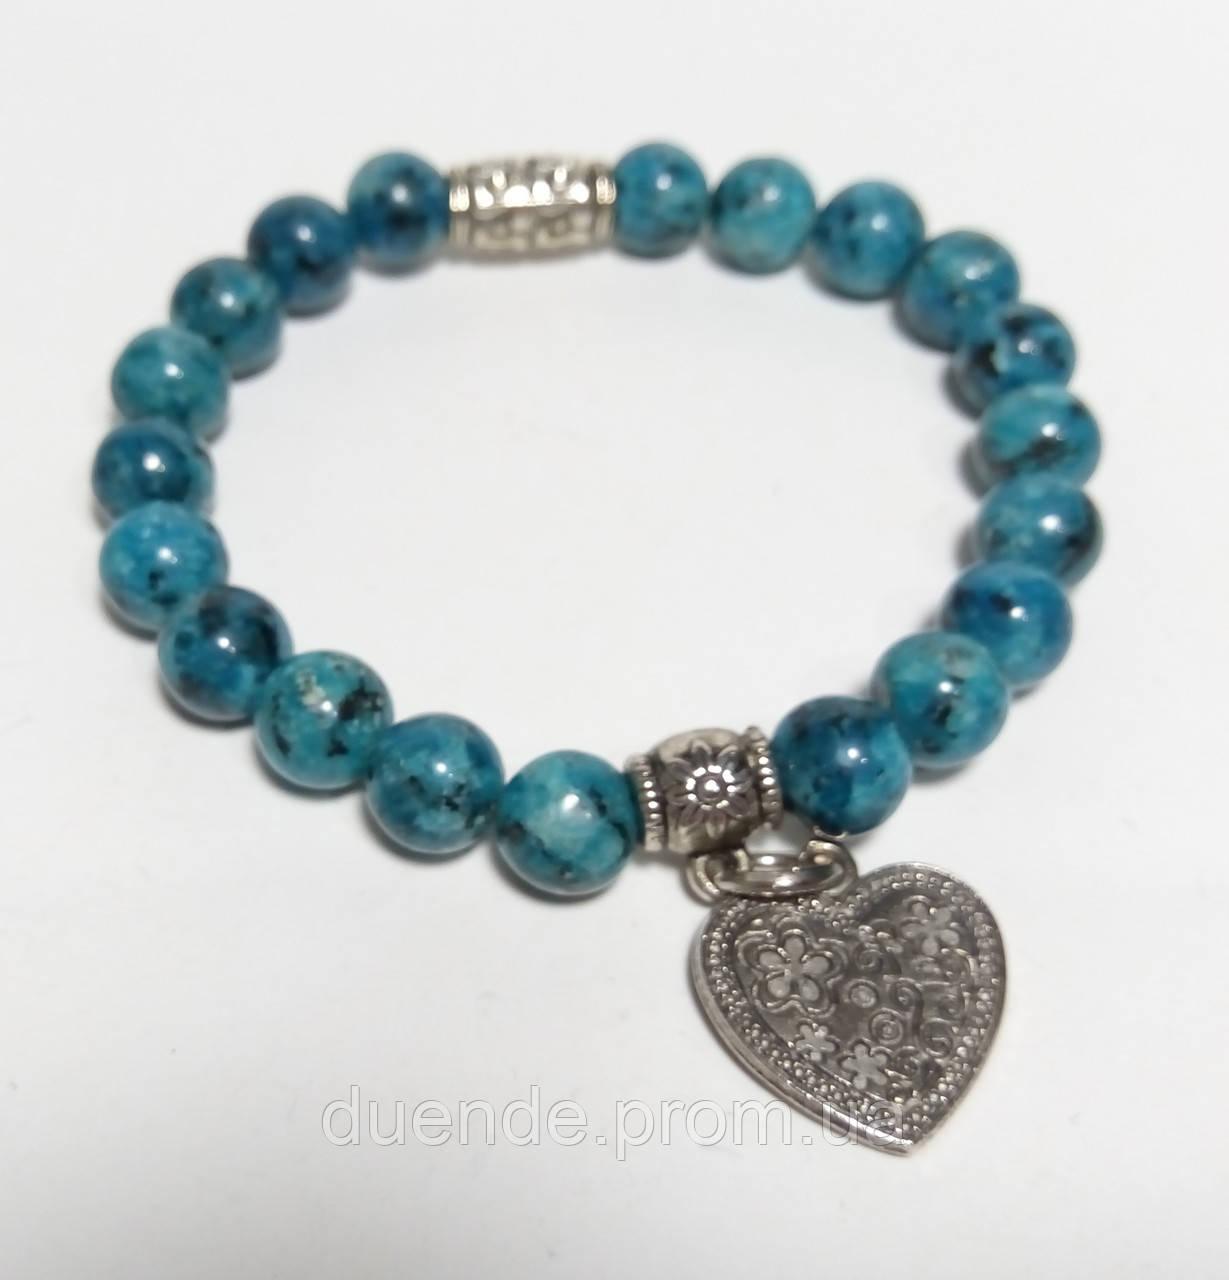 Браслет Яшма с подвеской, натуральный камень, цвет синий и его оттенки, тм Satori \ Sb - 0097